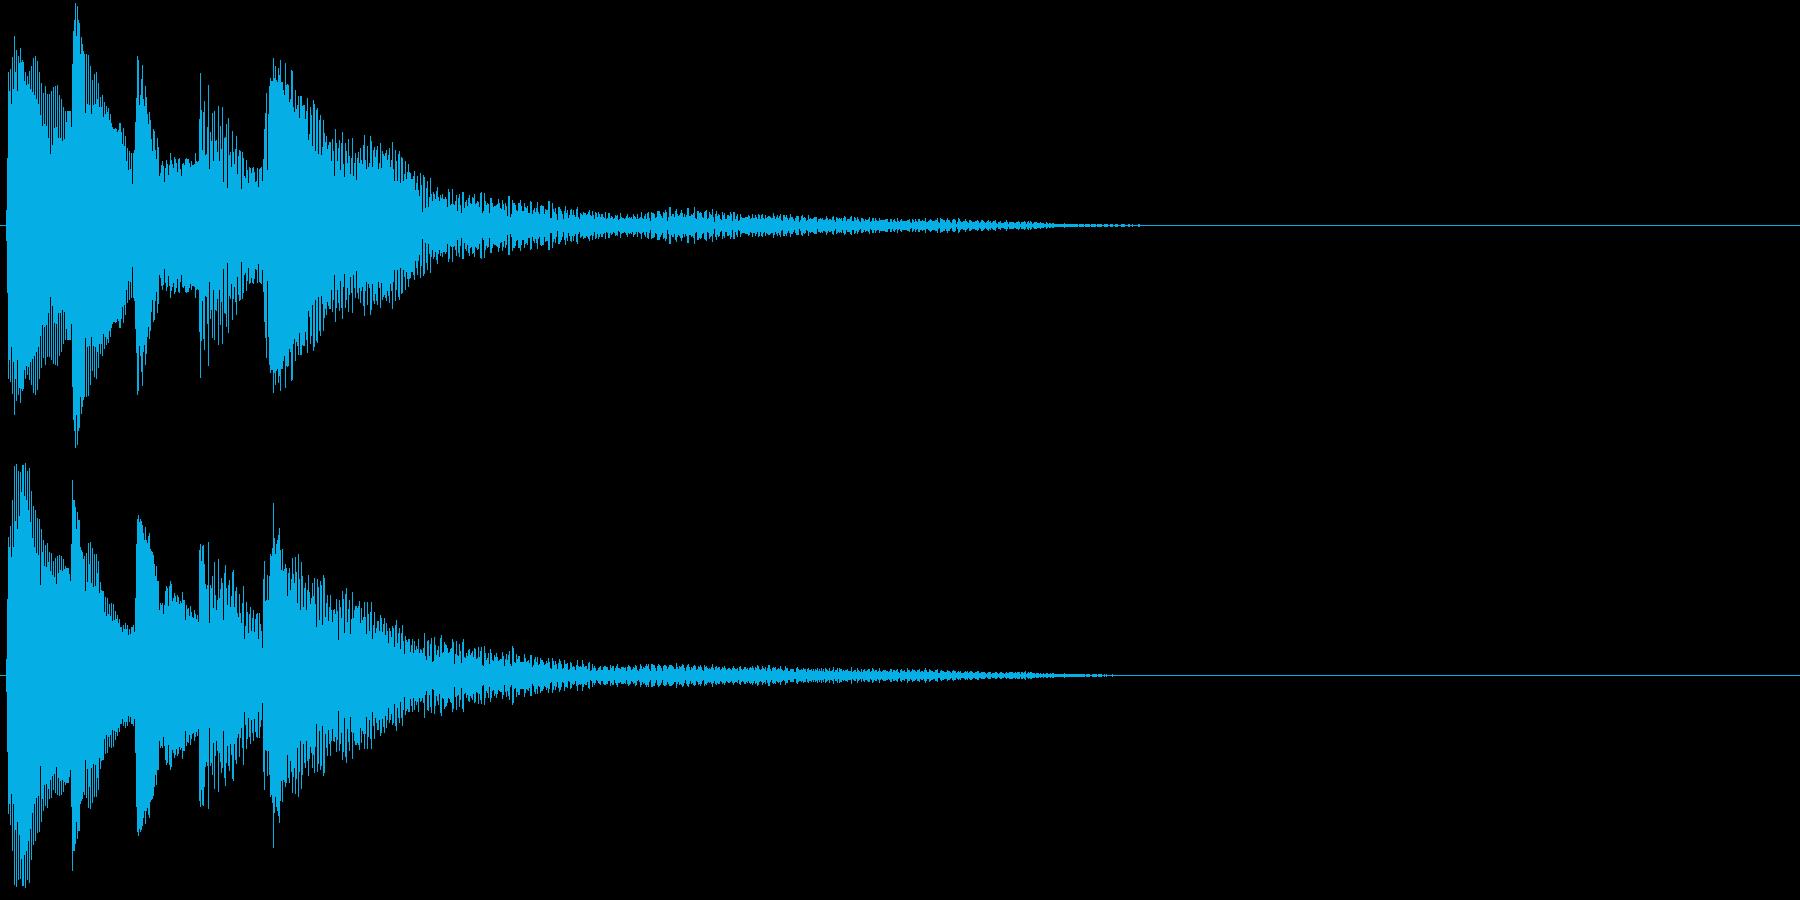 場面を一変させる不思議な響きのピアノ音の再生済みの波形